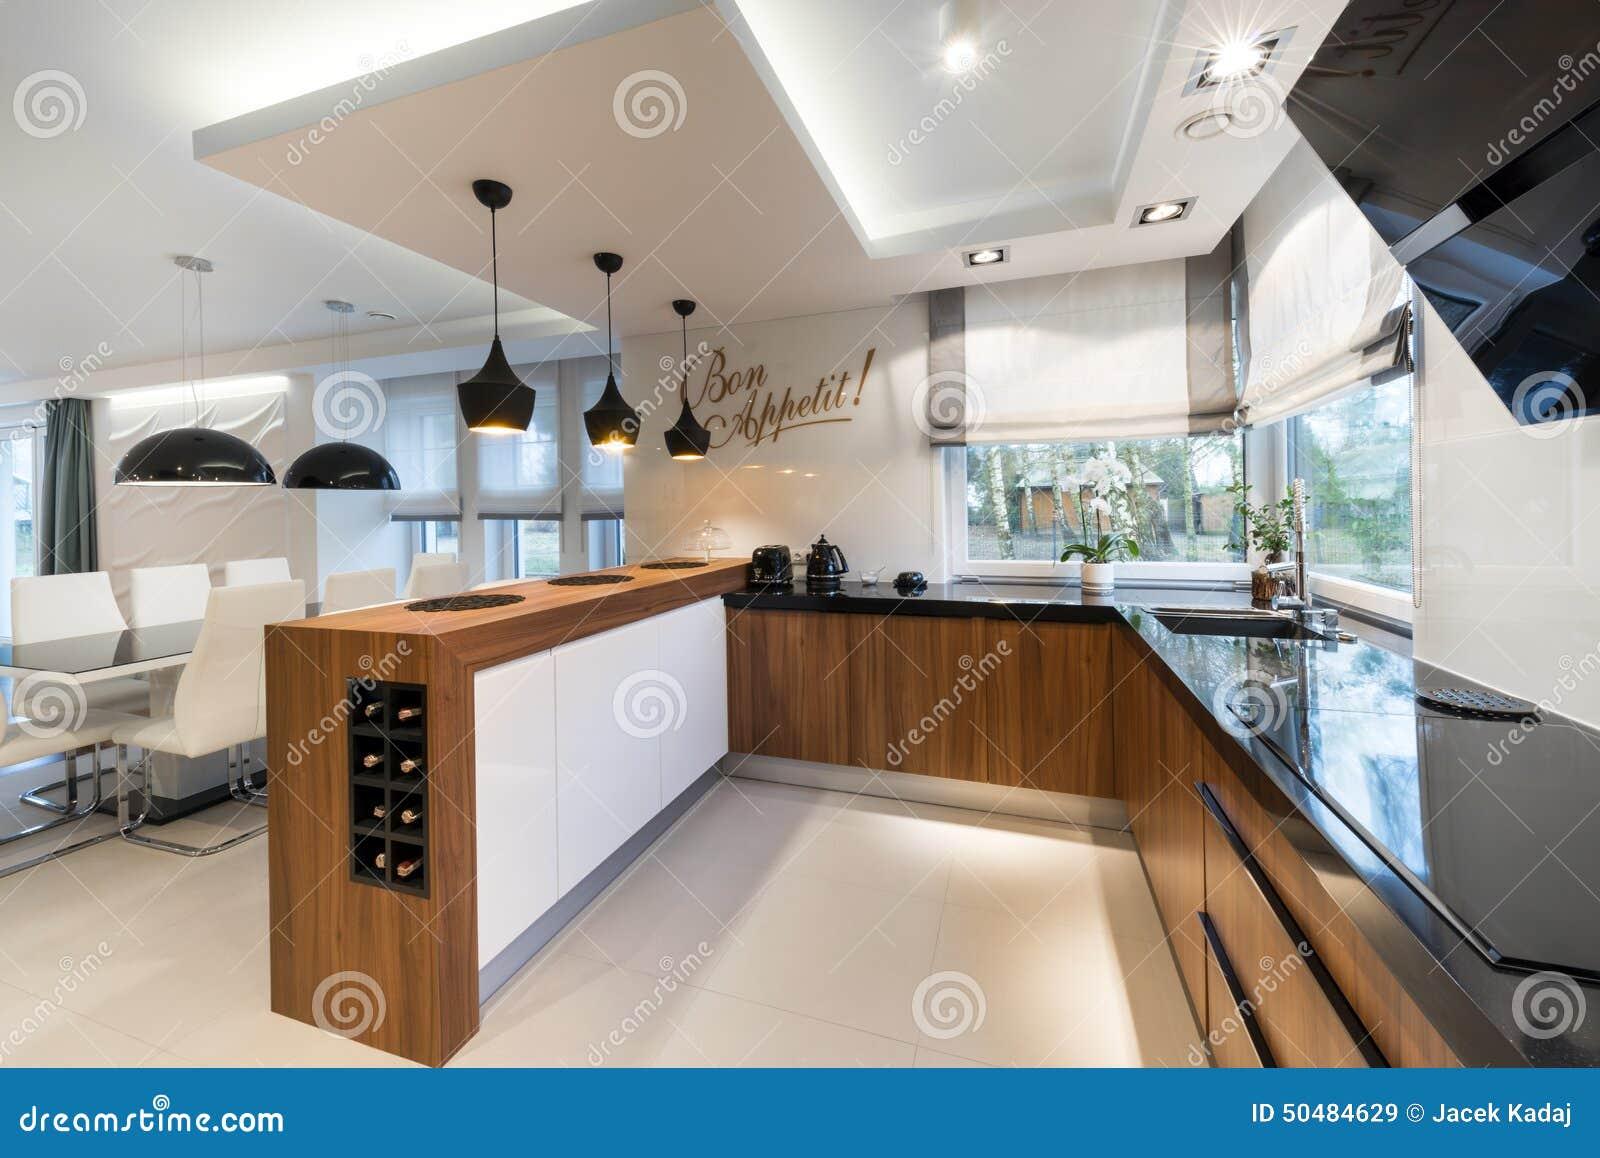 Disegno interno della cucina moderna immagine stock for Disegno interno casa